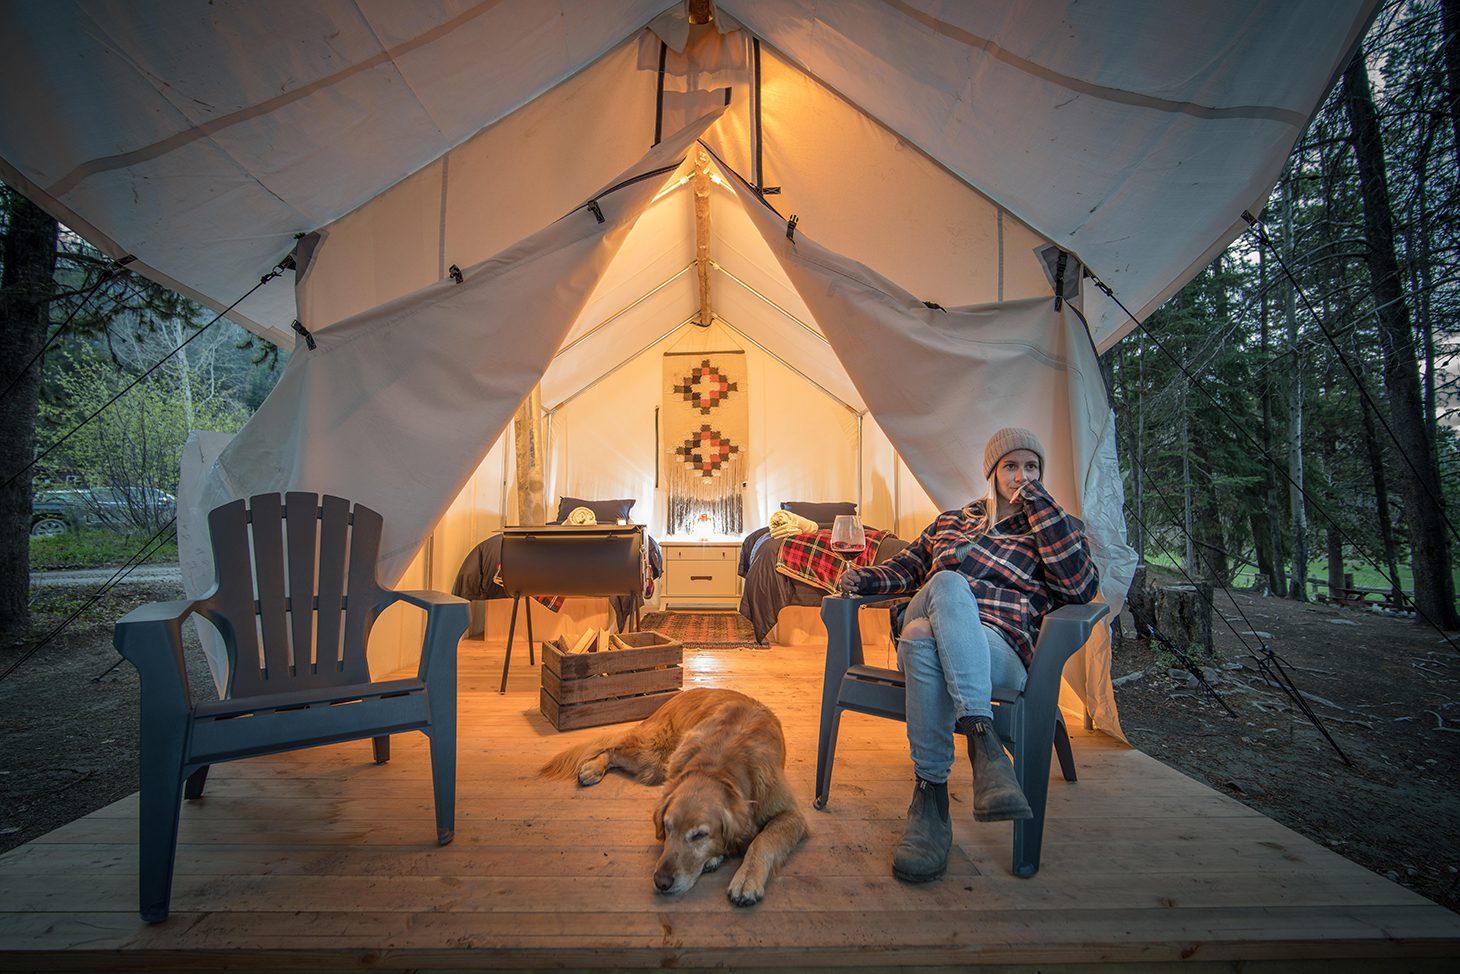 Chute Lake Yurt Rental